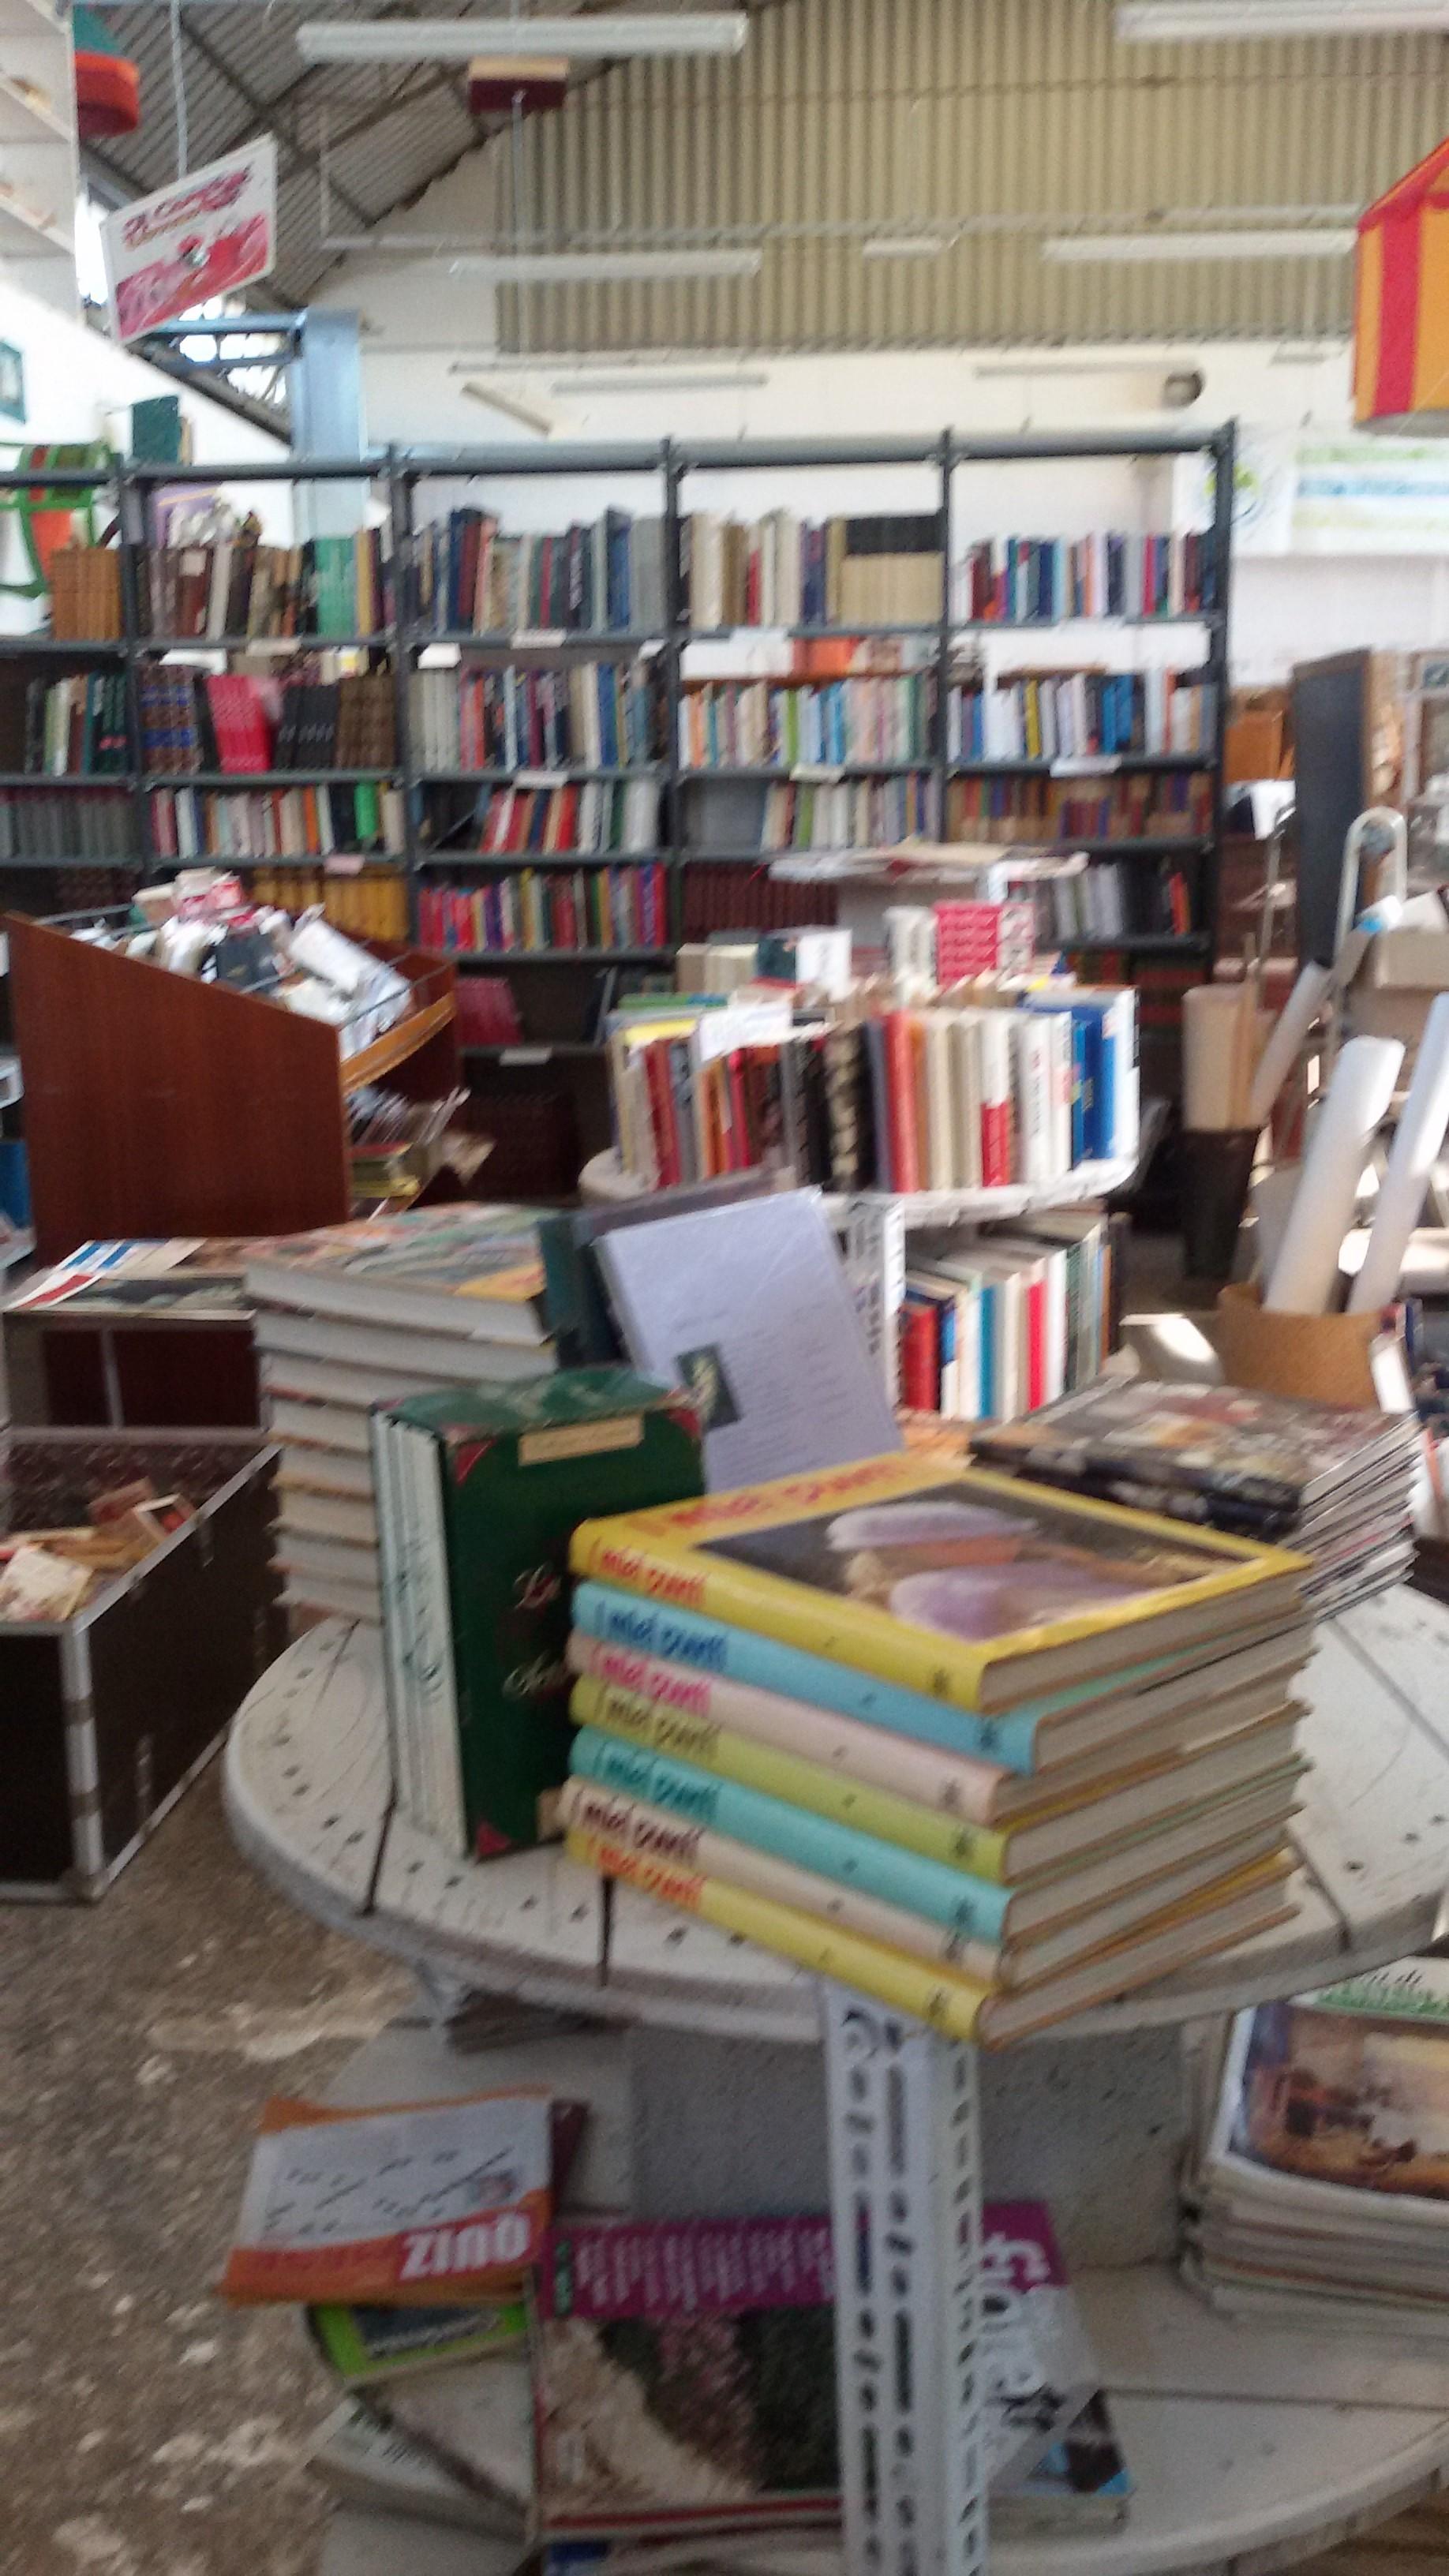 Libreria - Emmaus Fiesso Umbertiano